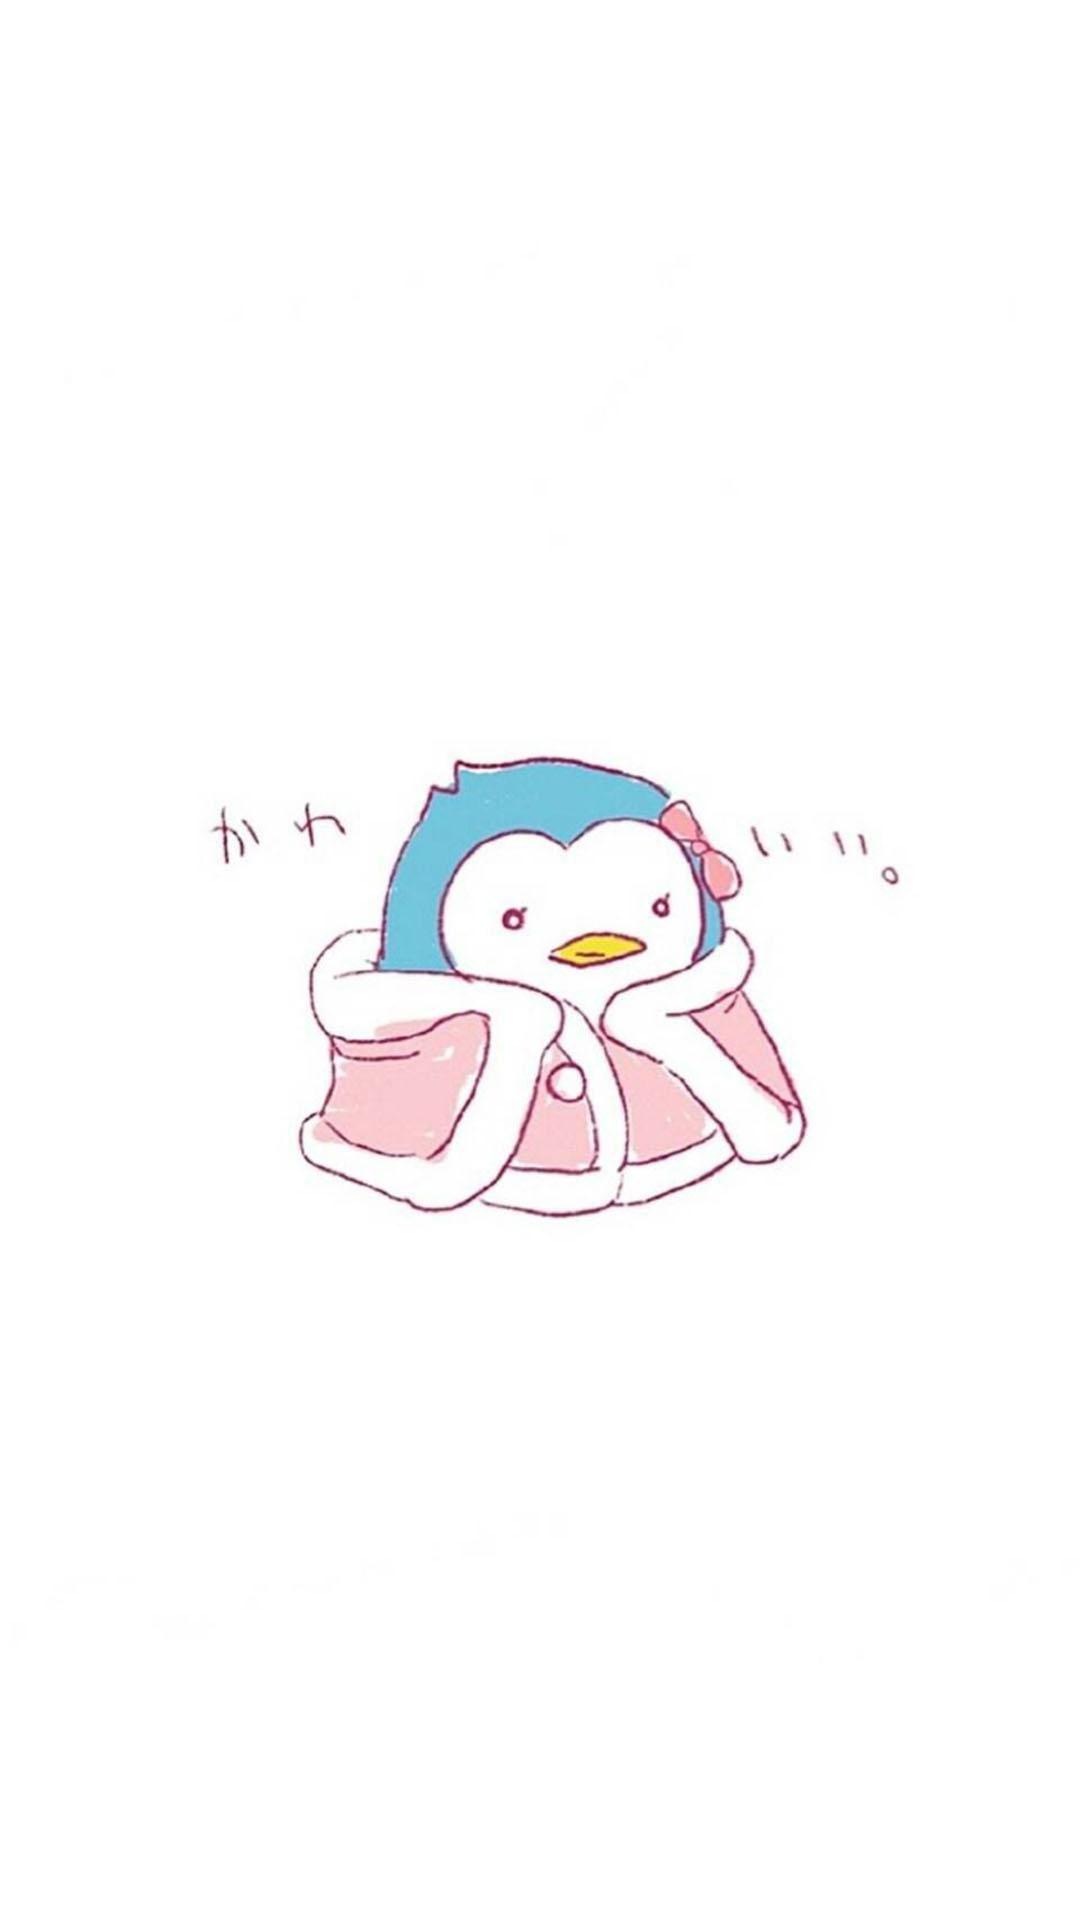 资源分享 主题壁纸 「资源组」手绘可爱企鹅【8p】 发帖 回复